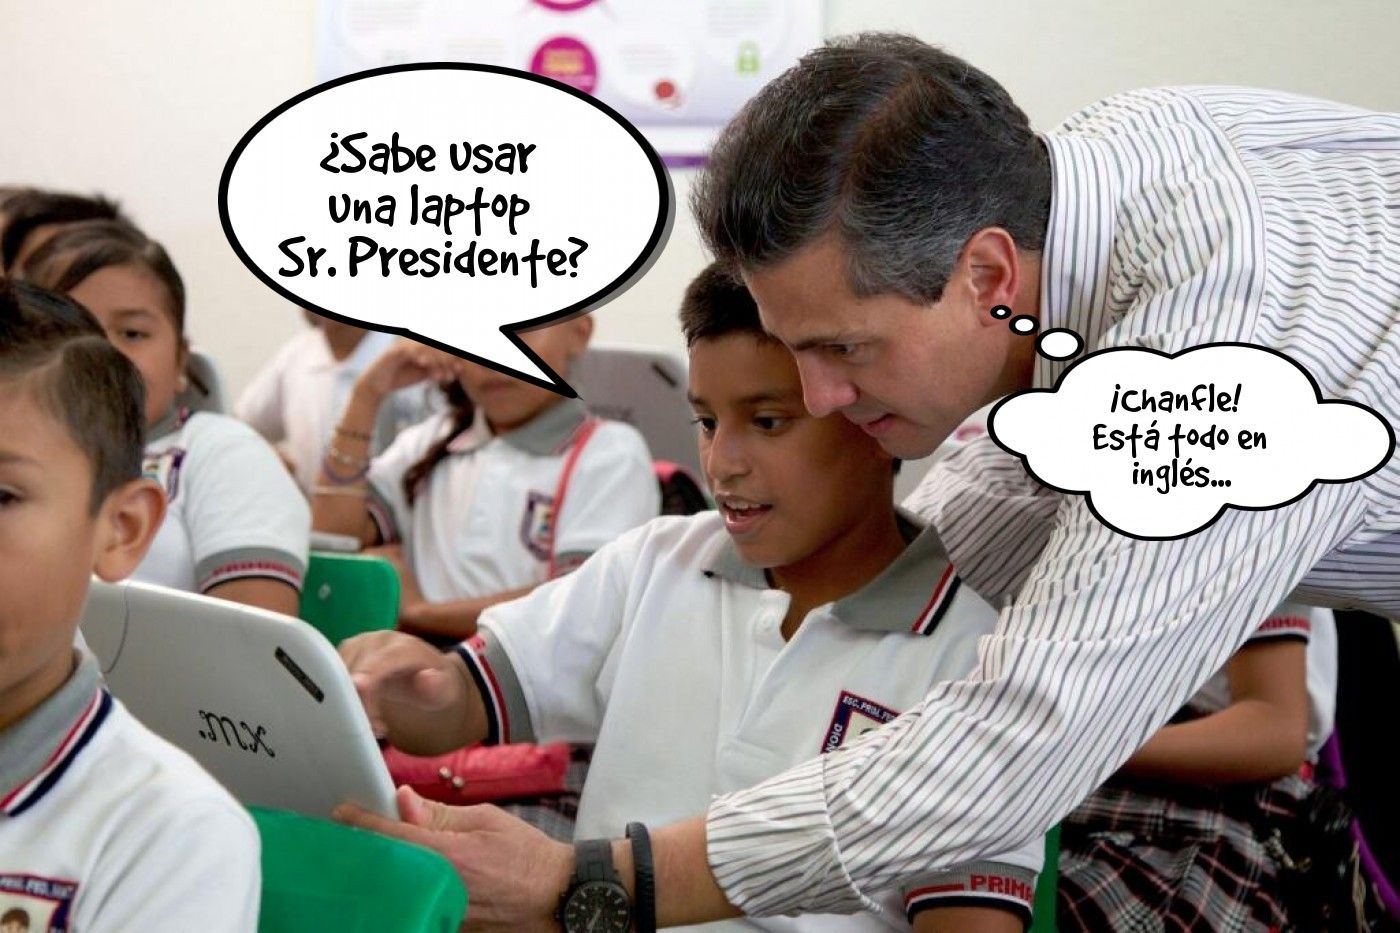 #Humor Nuestro ilustre #Presidente de #Mexico  Enrique Peña Nieto #EPN visitó a los niños del programa #MiCompuMX que recibieron #Minilaptops obsoletas y caras... vía @Candidman